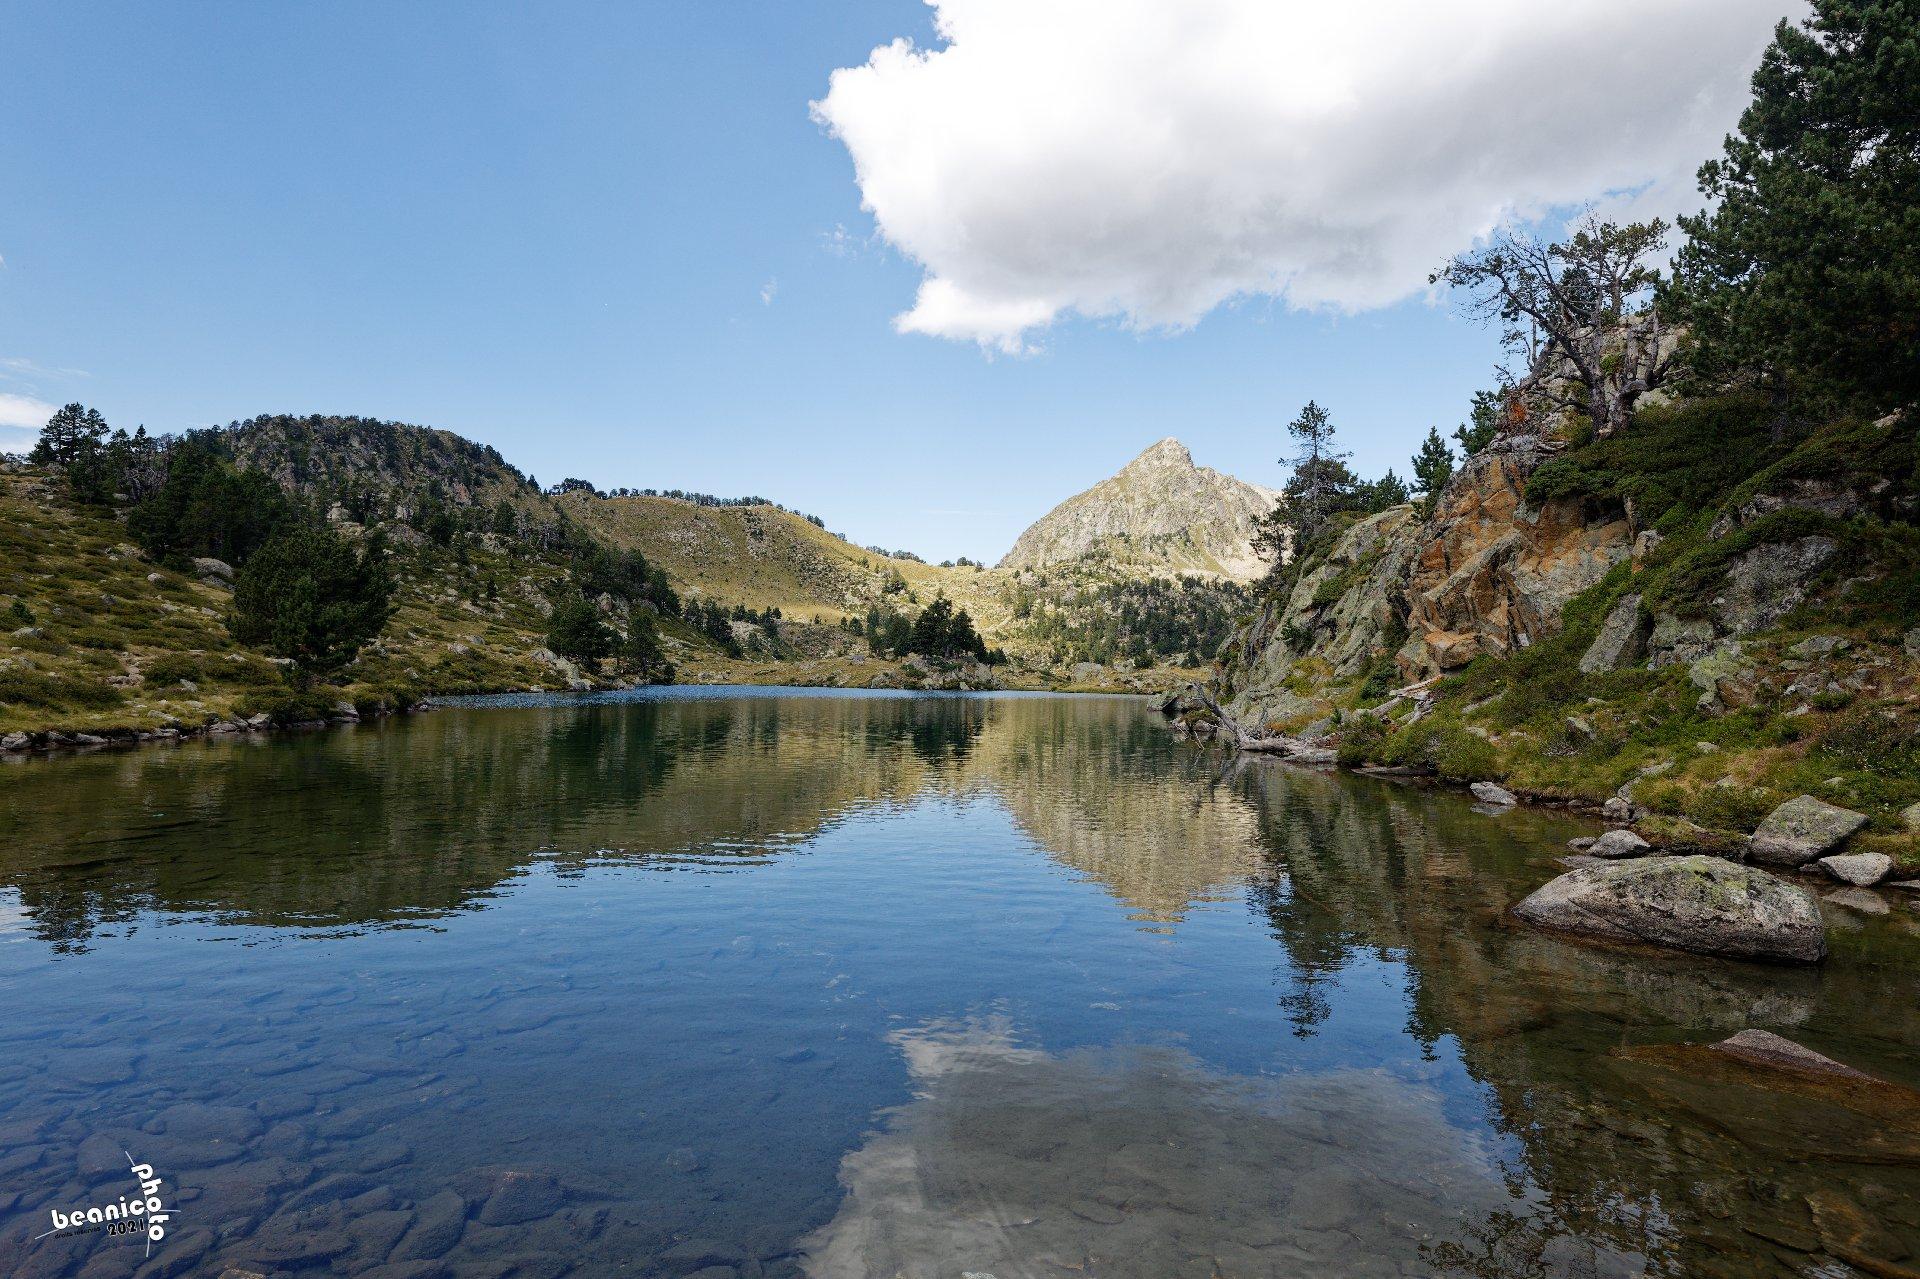 Hautes Pyrénées - Topo Rando 4 - Saint-Lary - Col de Portet - Lacs de Bastan (Bastanet)